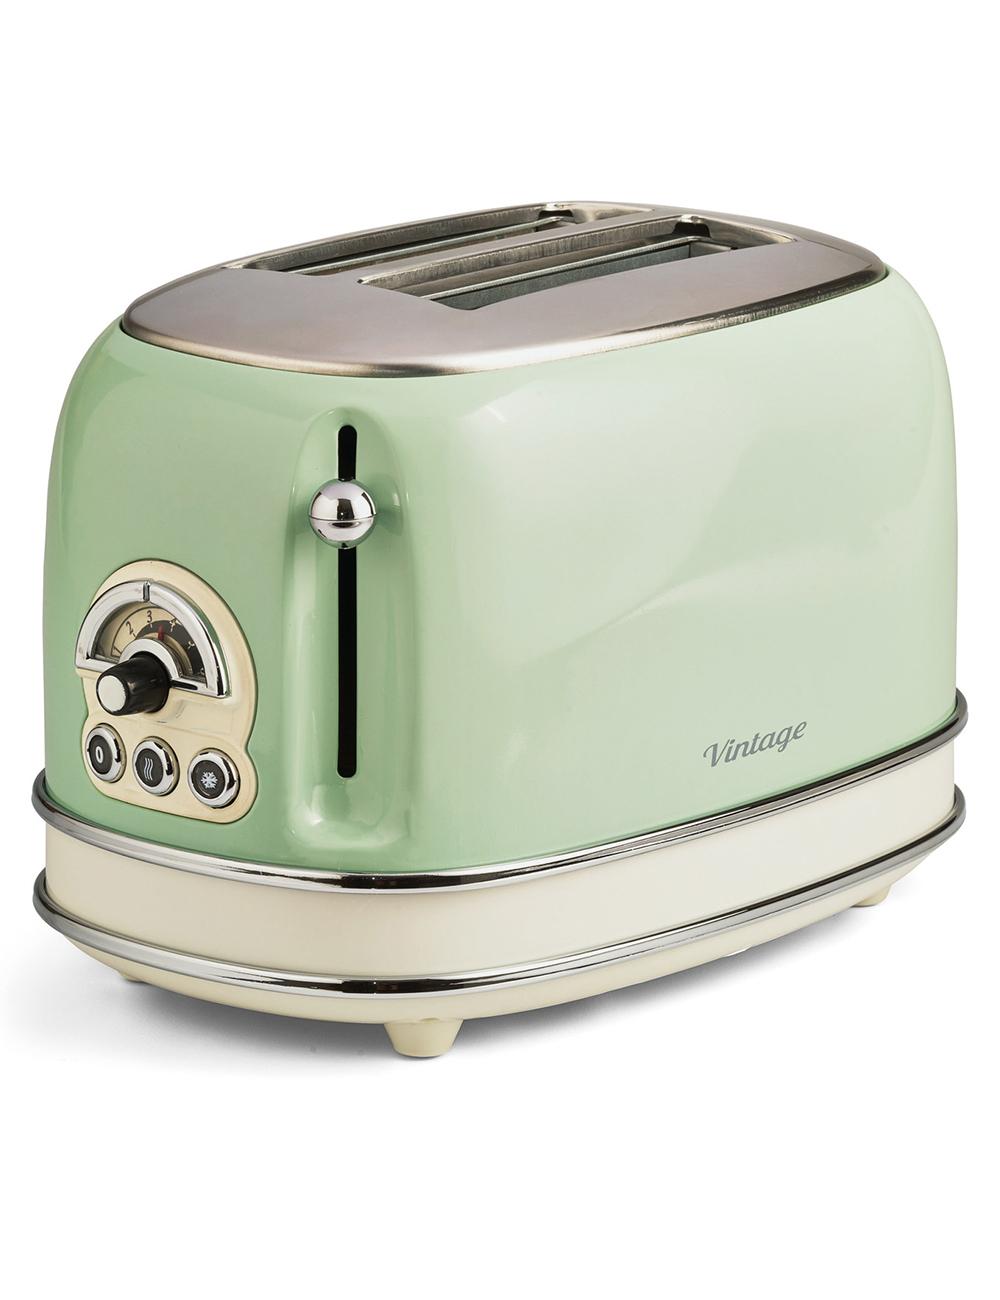 vintage toaster von ariete 2 schlitze. Black Bedroom Furniture Sets. Home Design Ideas